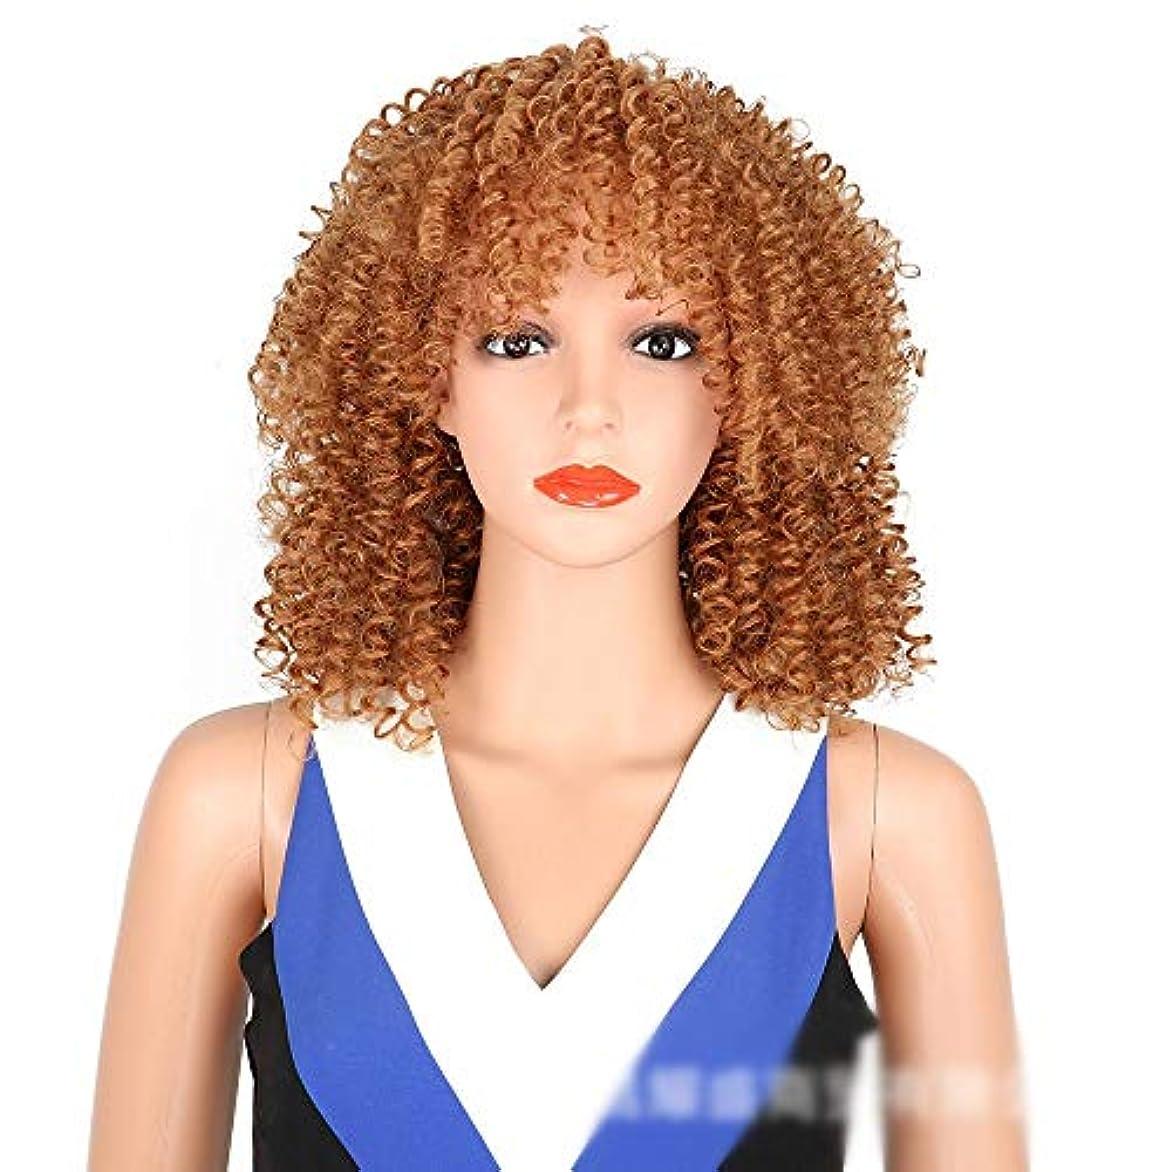 絶滅した上向き緊張JULYTER 前髪爆発ヘッドささやかな巻き毛のかつらコスプレパーティートリムでアフリカの黒人女性の短い巻き毛 (色 : ブラウン)